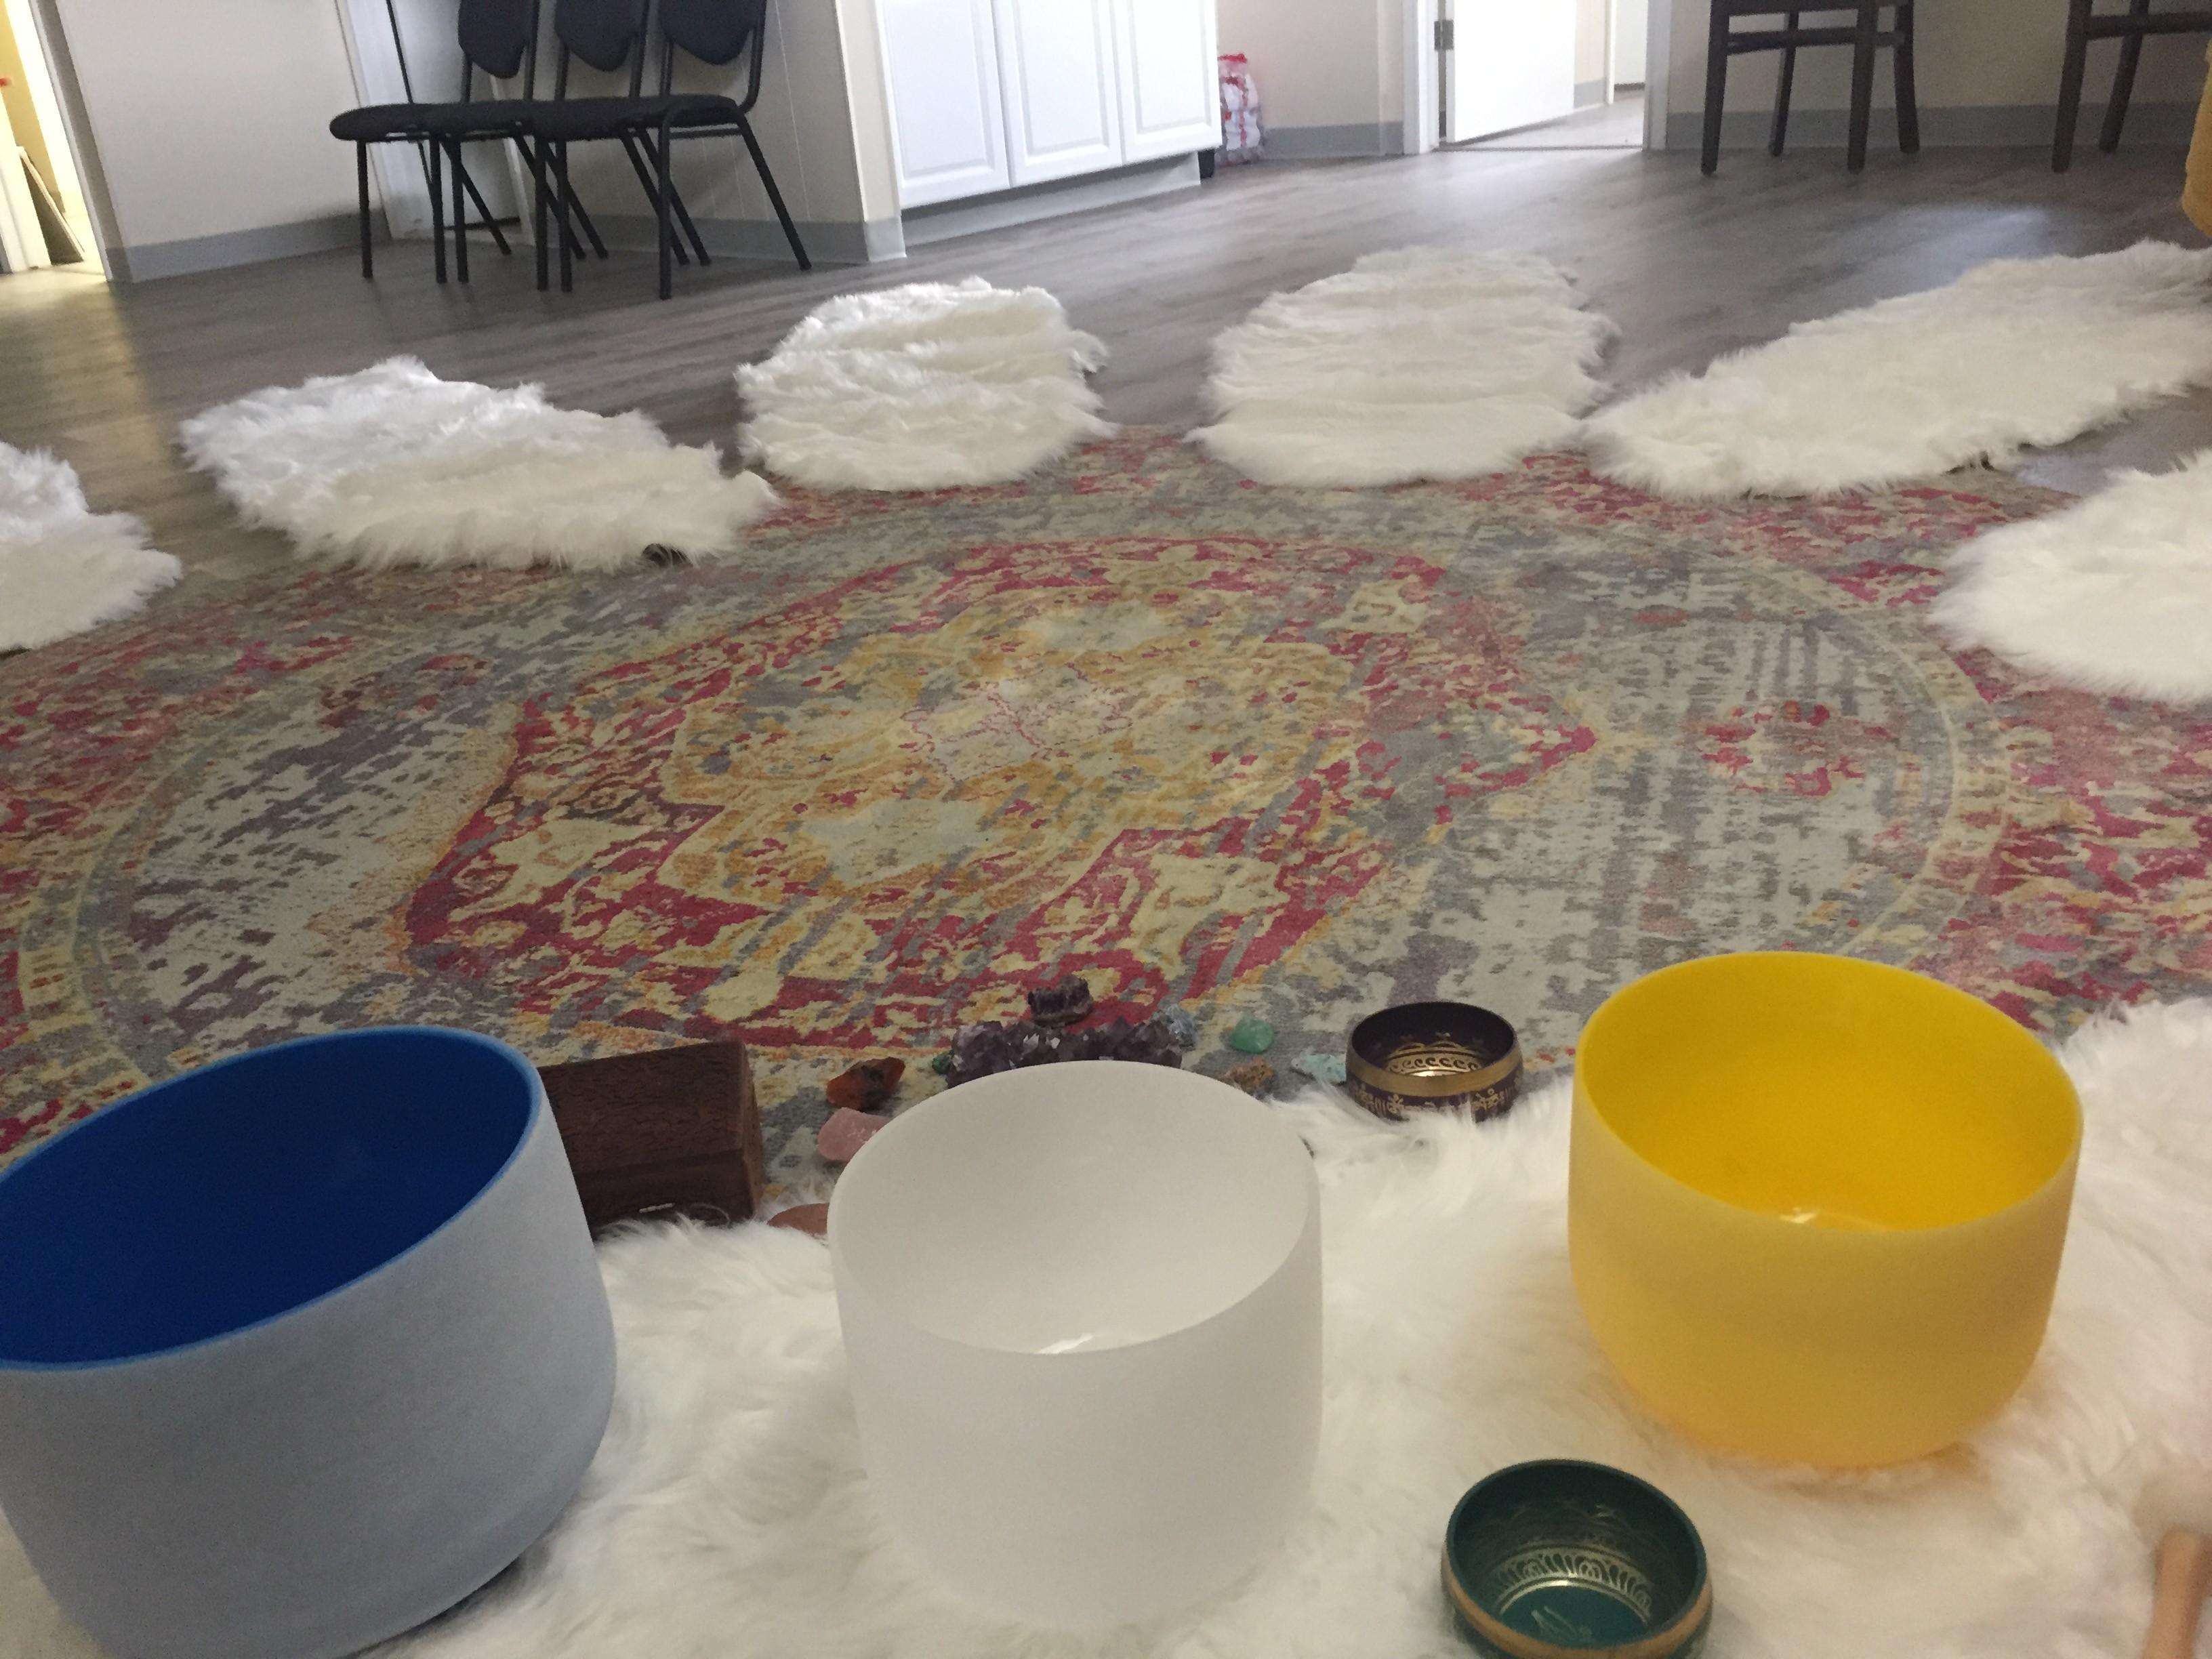 Crystal Bowl Sound Bath Meditation